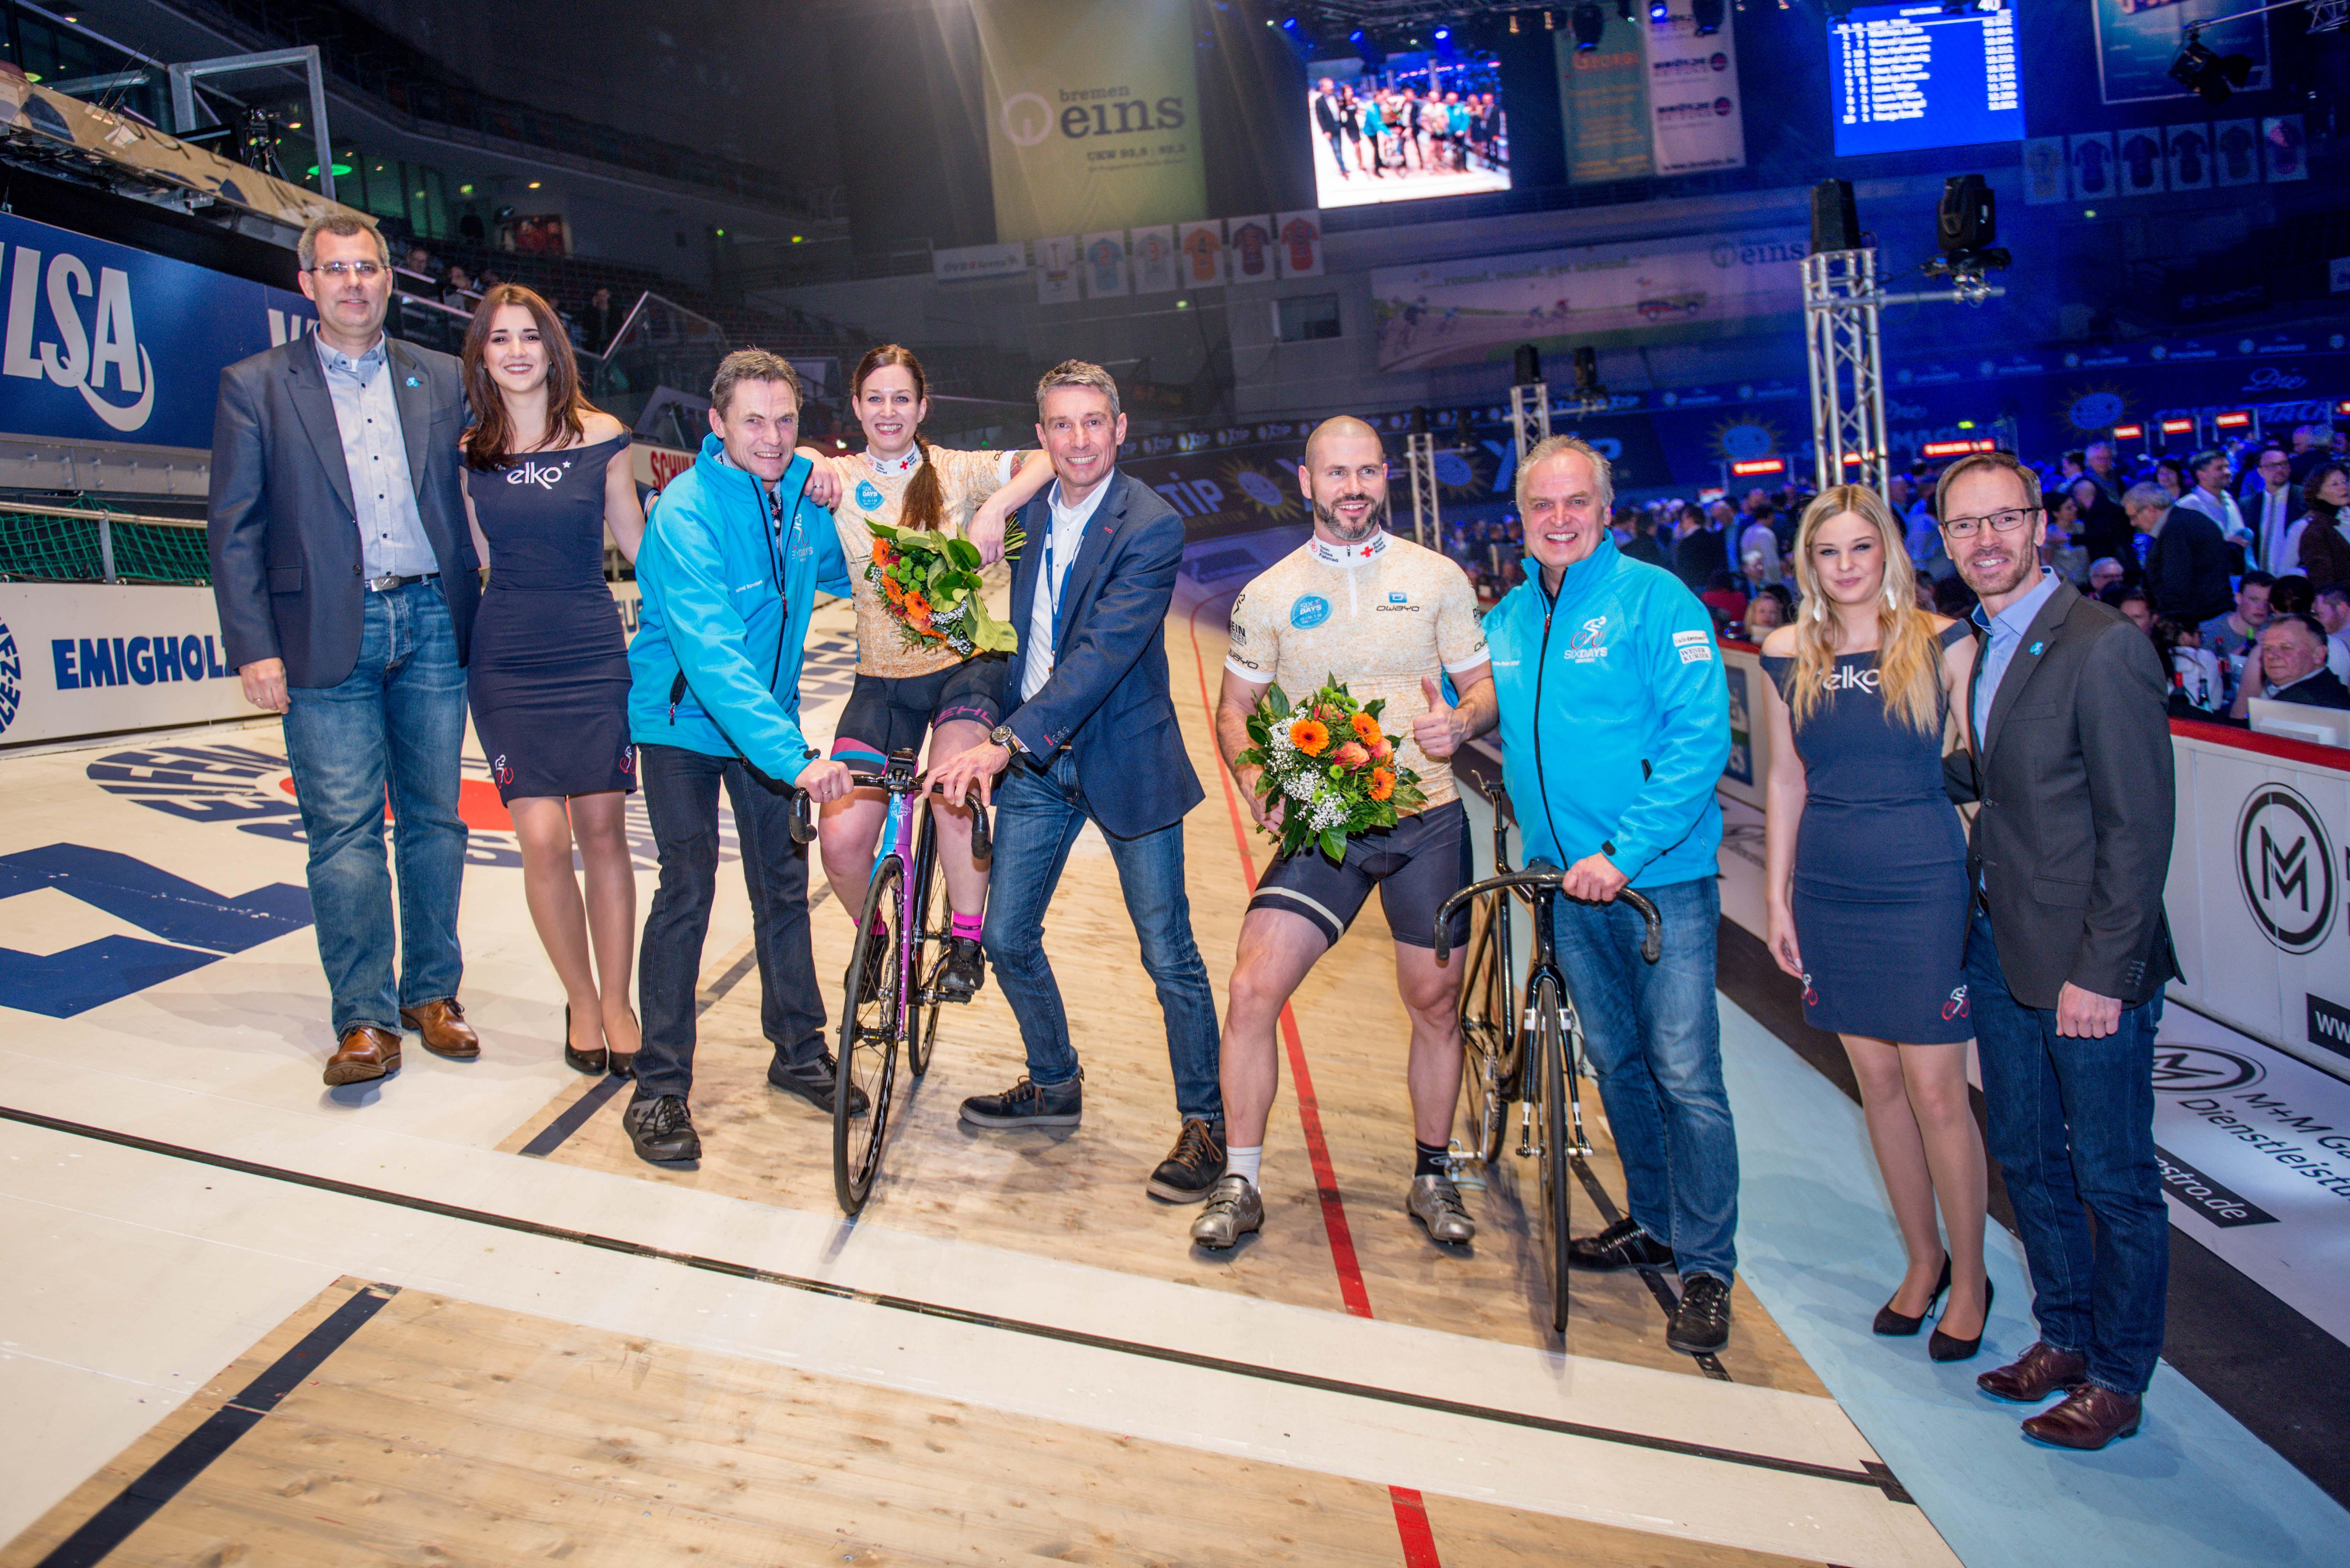 Matthias John & Jane Drage gewinnen Jedermannwettbewerb